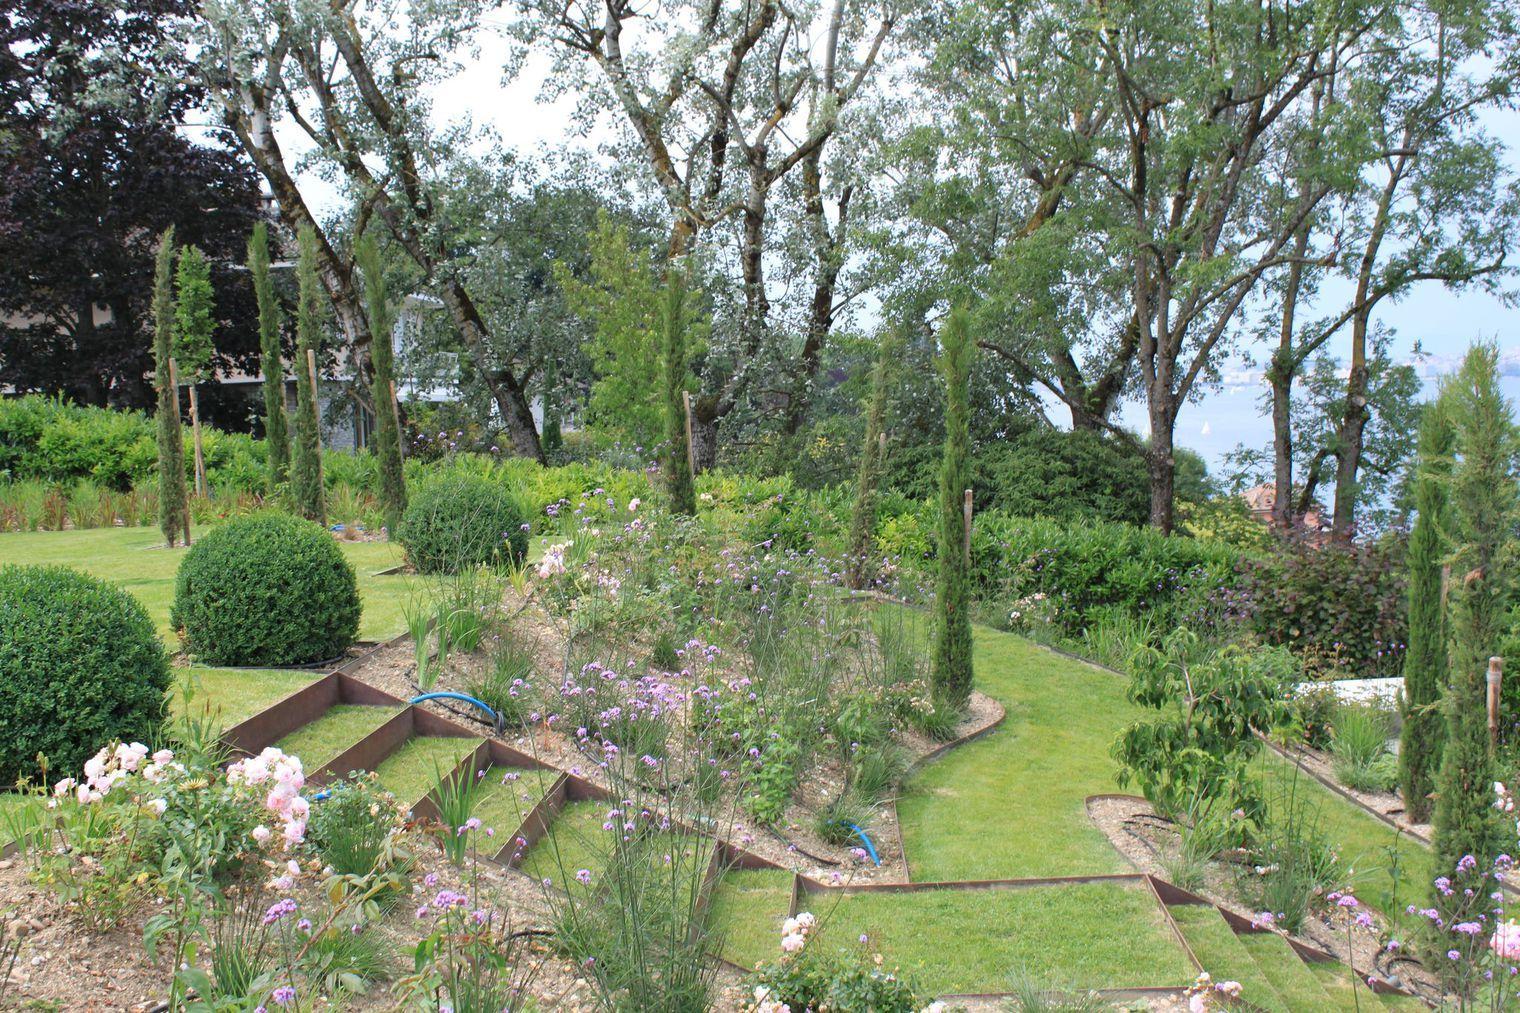 Comment Aménager Son Jardin En Pente aménagement d'un jardin en pente | comment aménager son